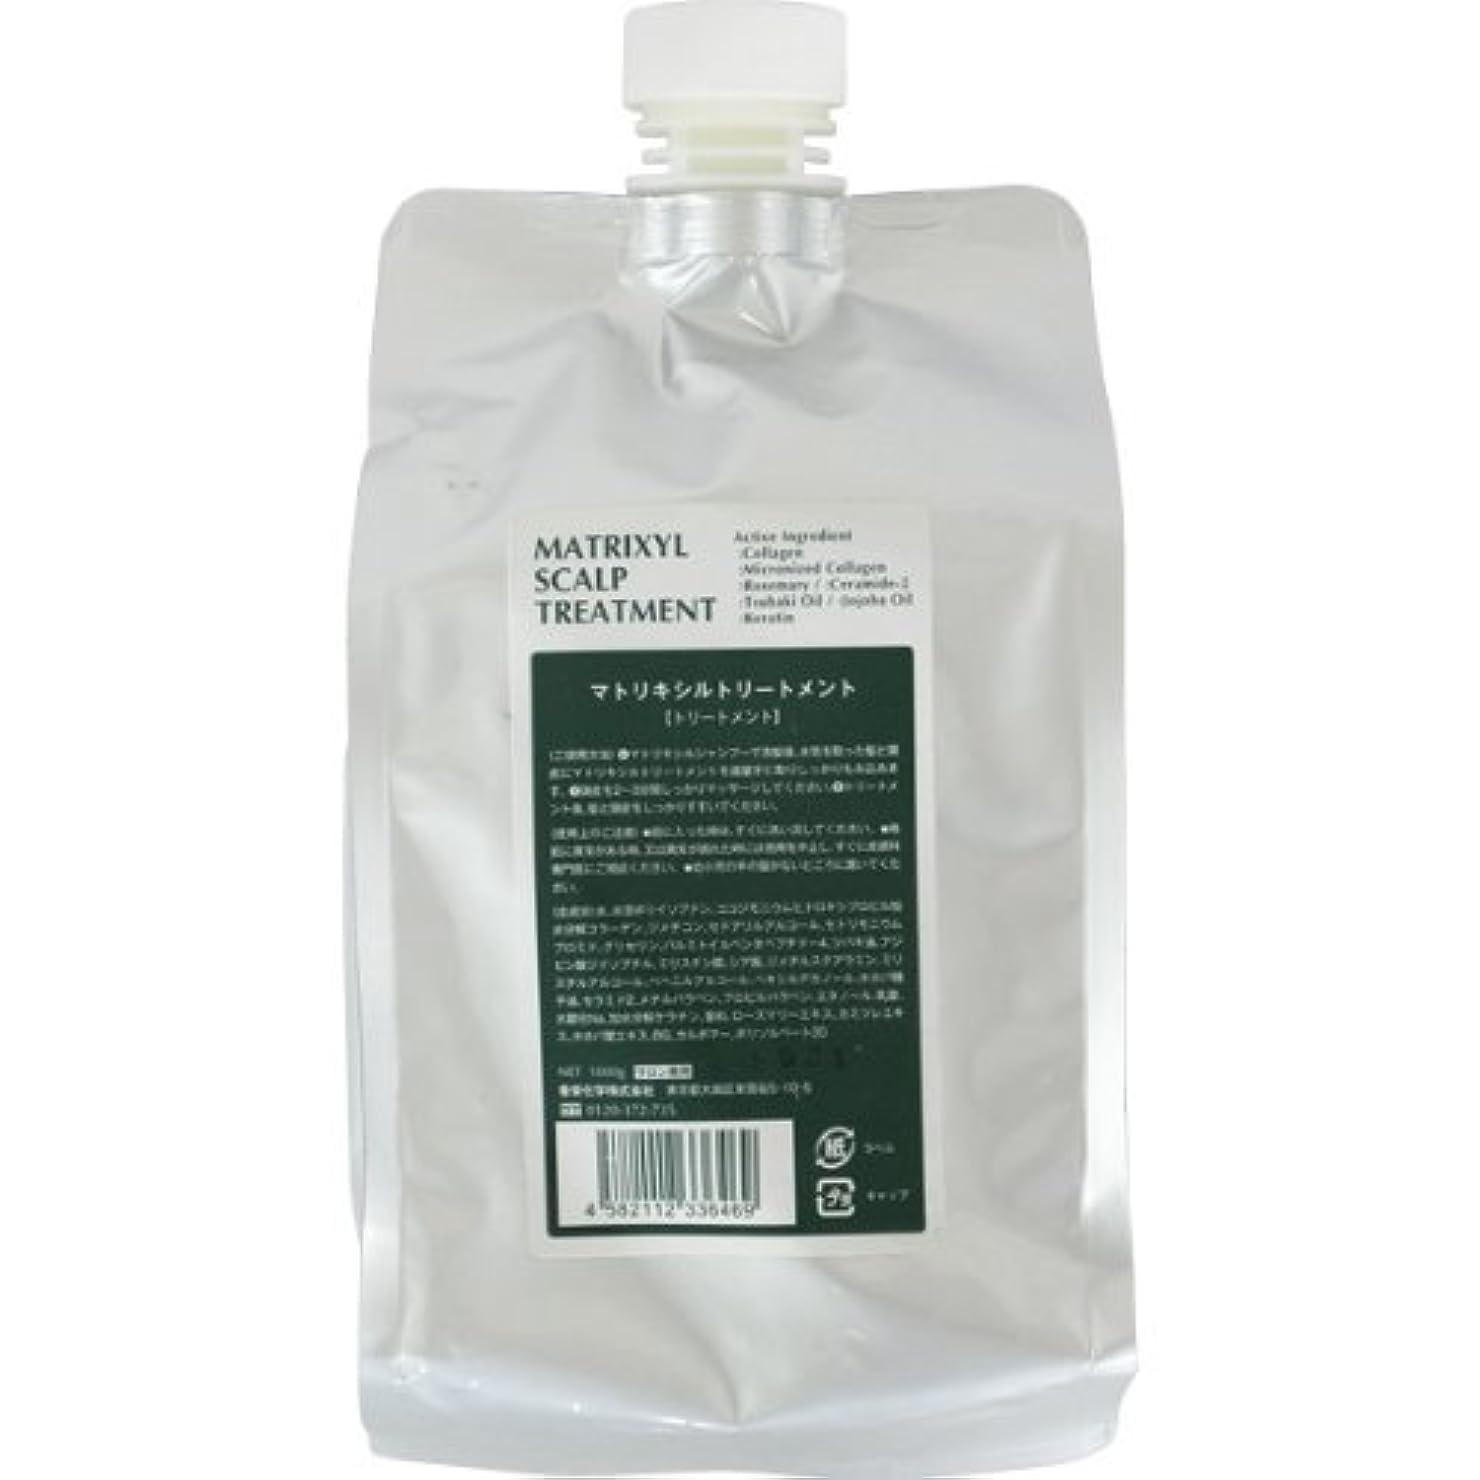 擬人化懐疑的不潔香栄化学 マトリキシル スキャルプトリートメント レフィル 1000g